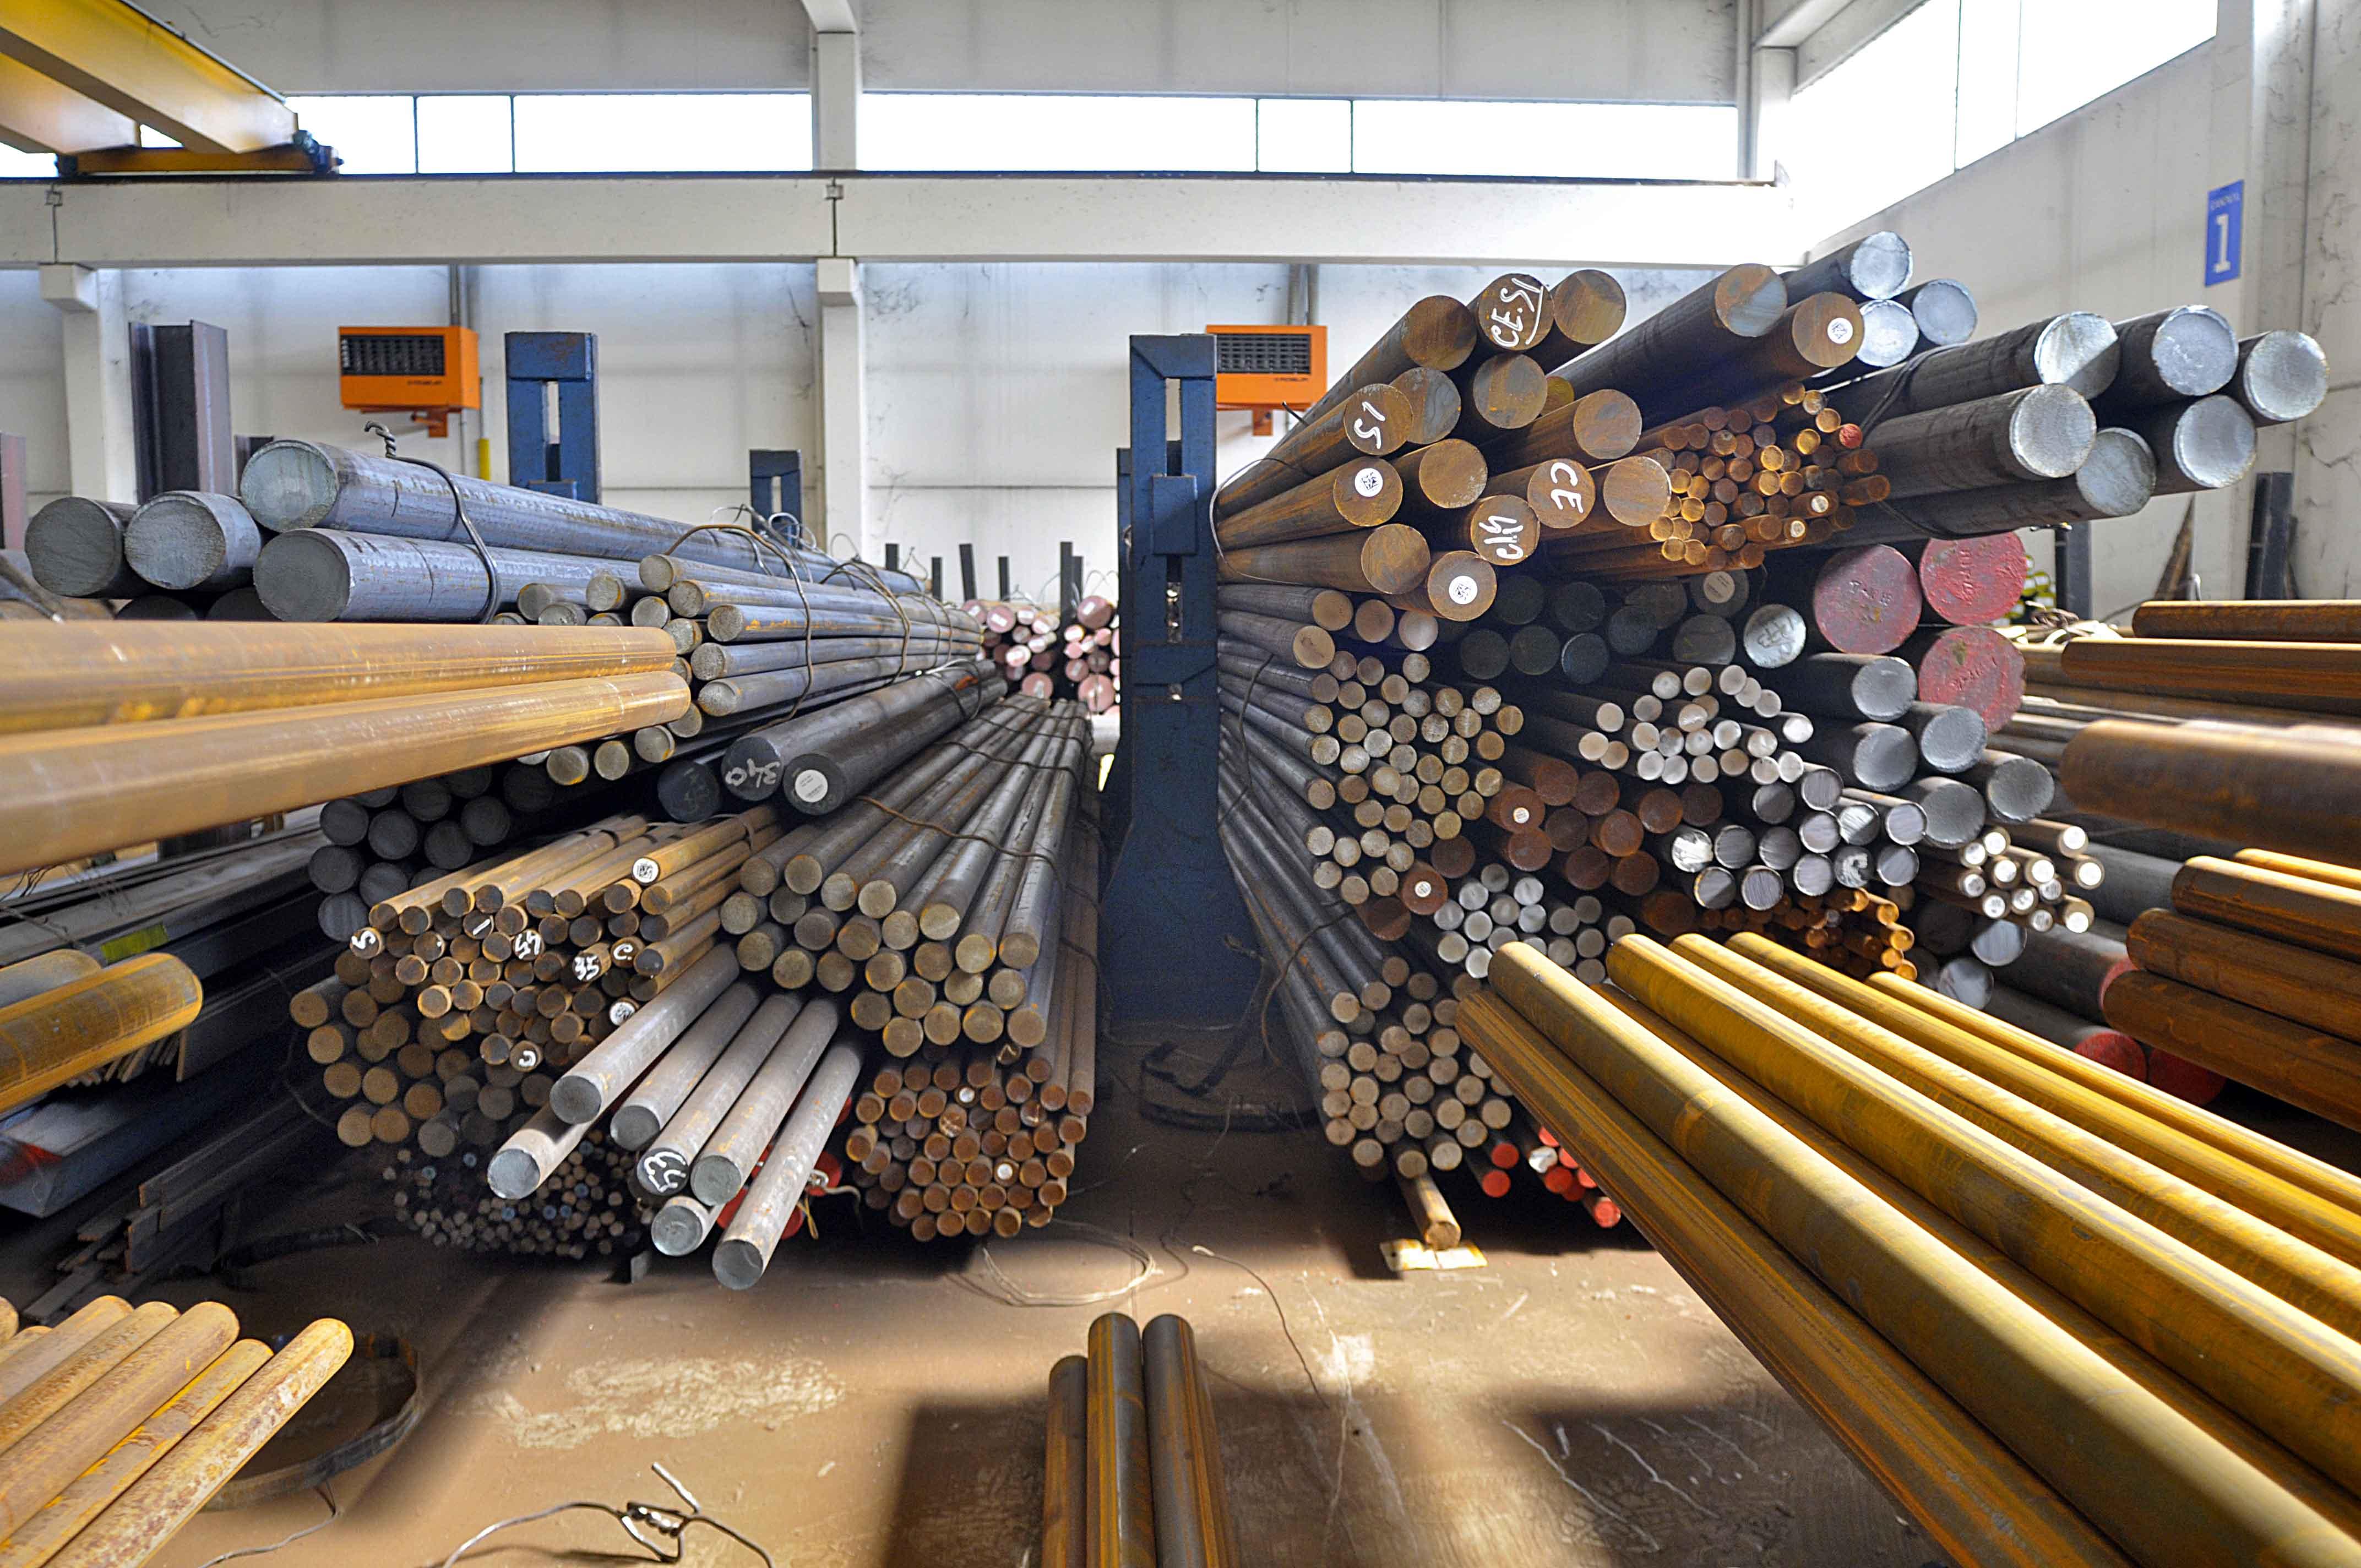 tagli-acciai-interno-centro-siderurgico-1